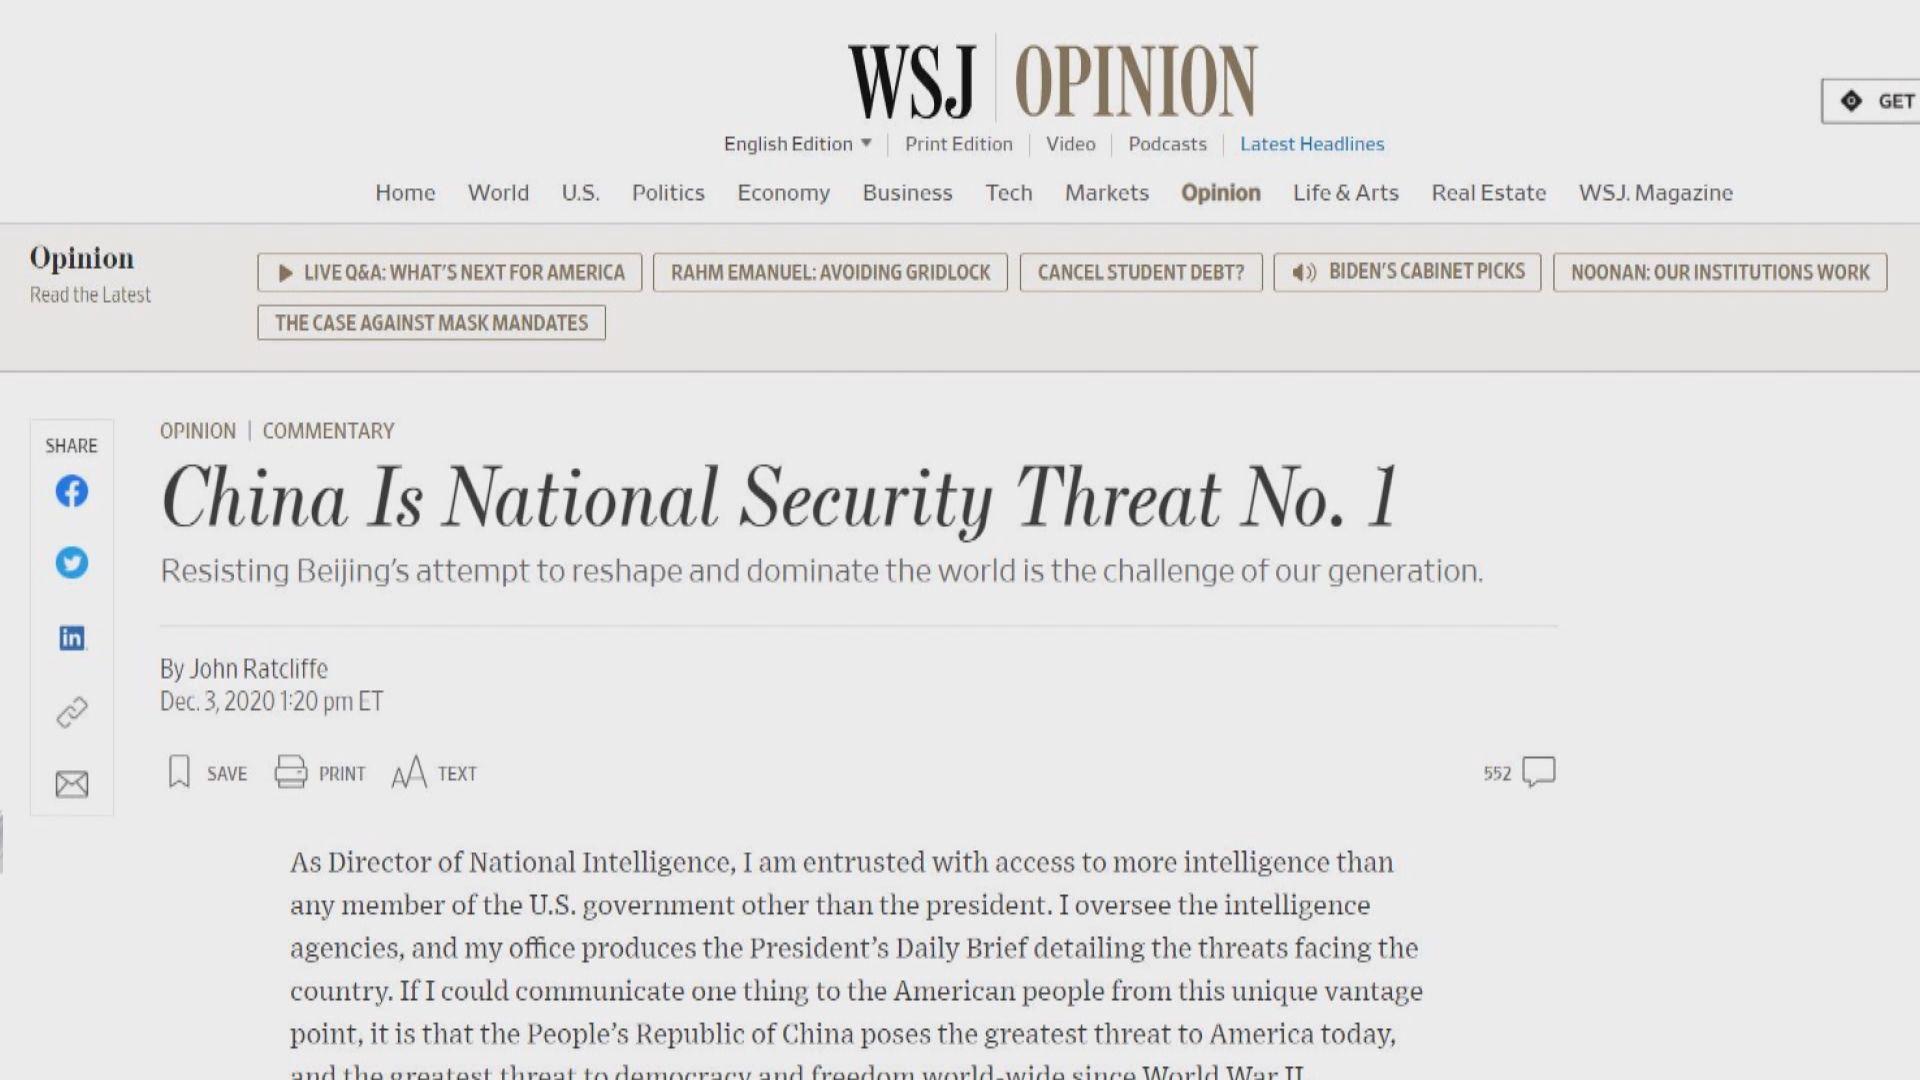 美國國家情報總監《華爾街日報》撰文指中國是最大威脅